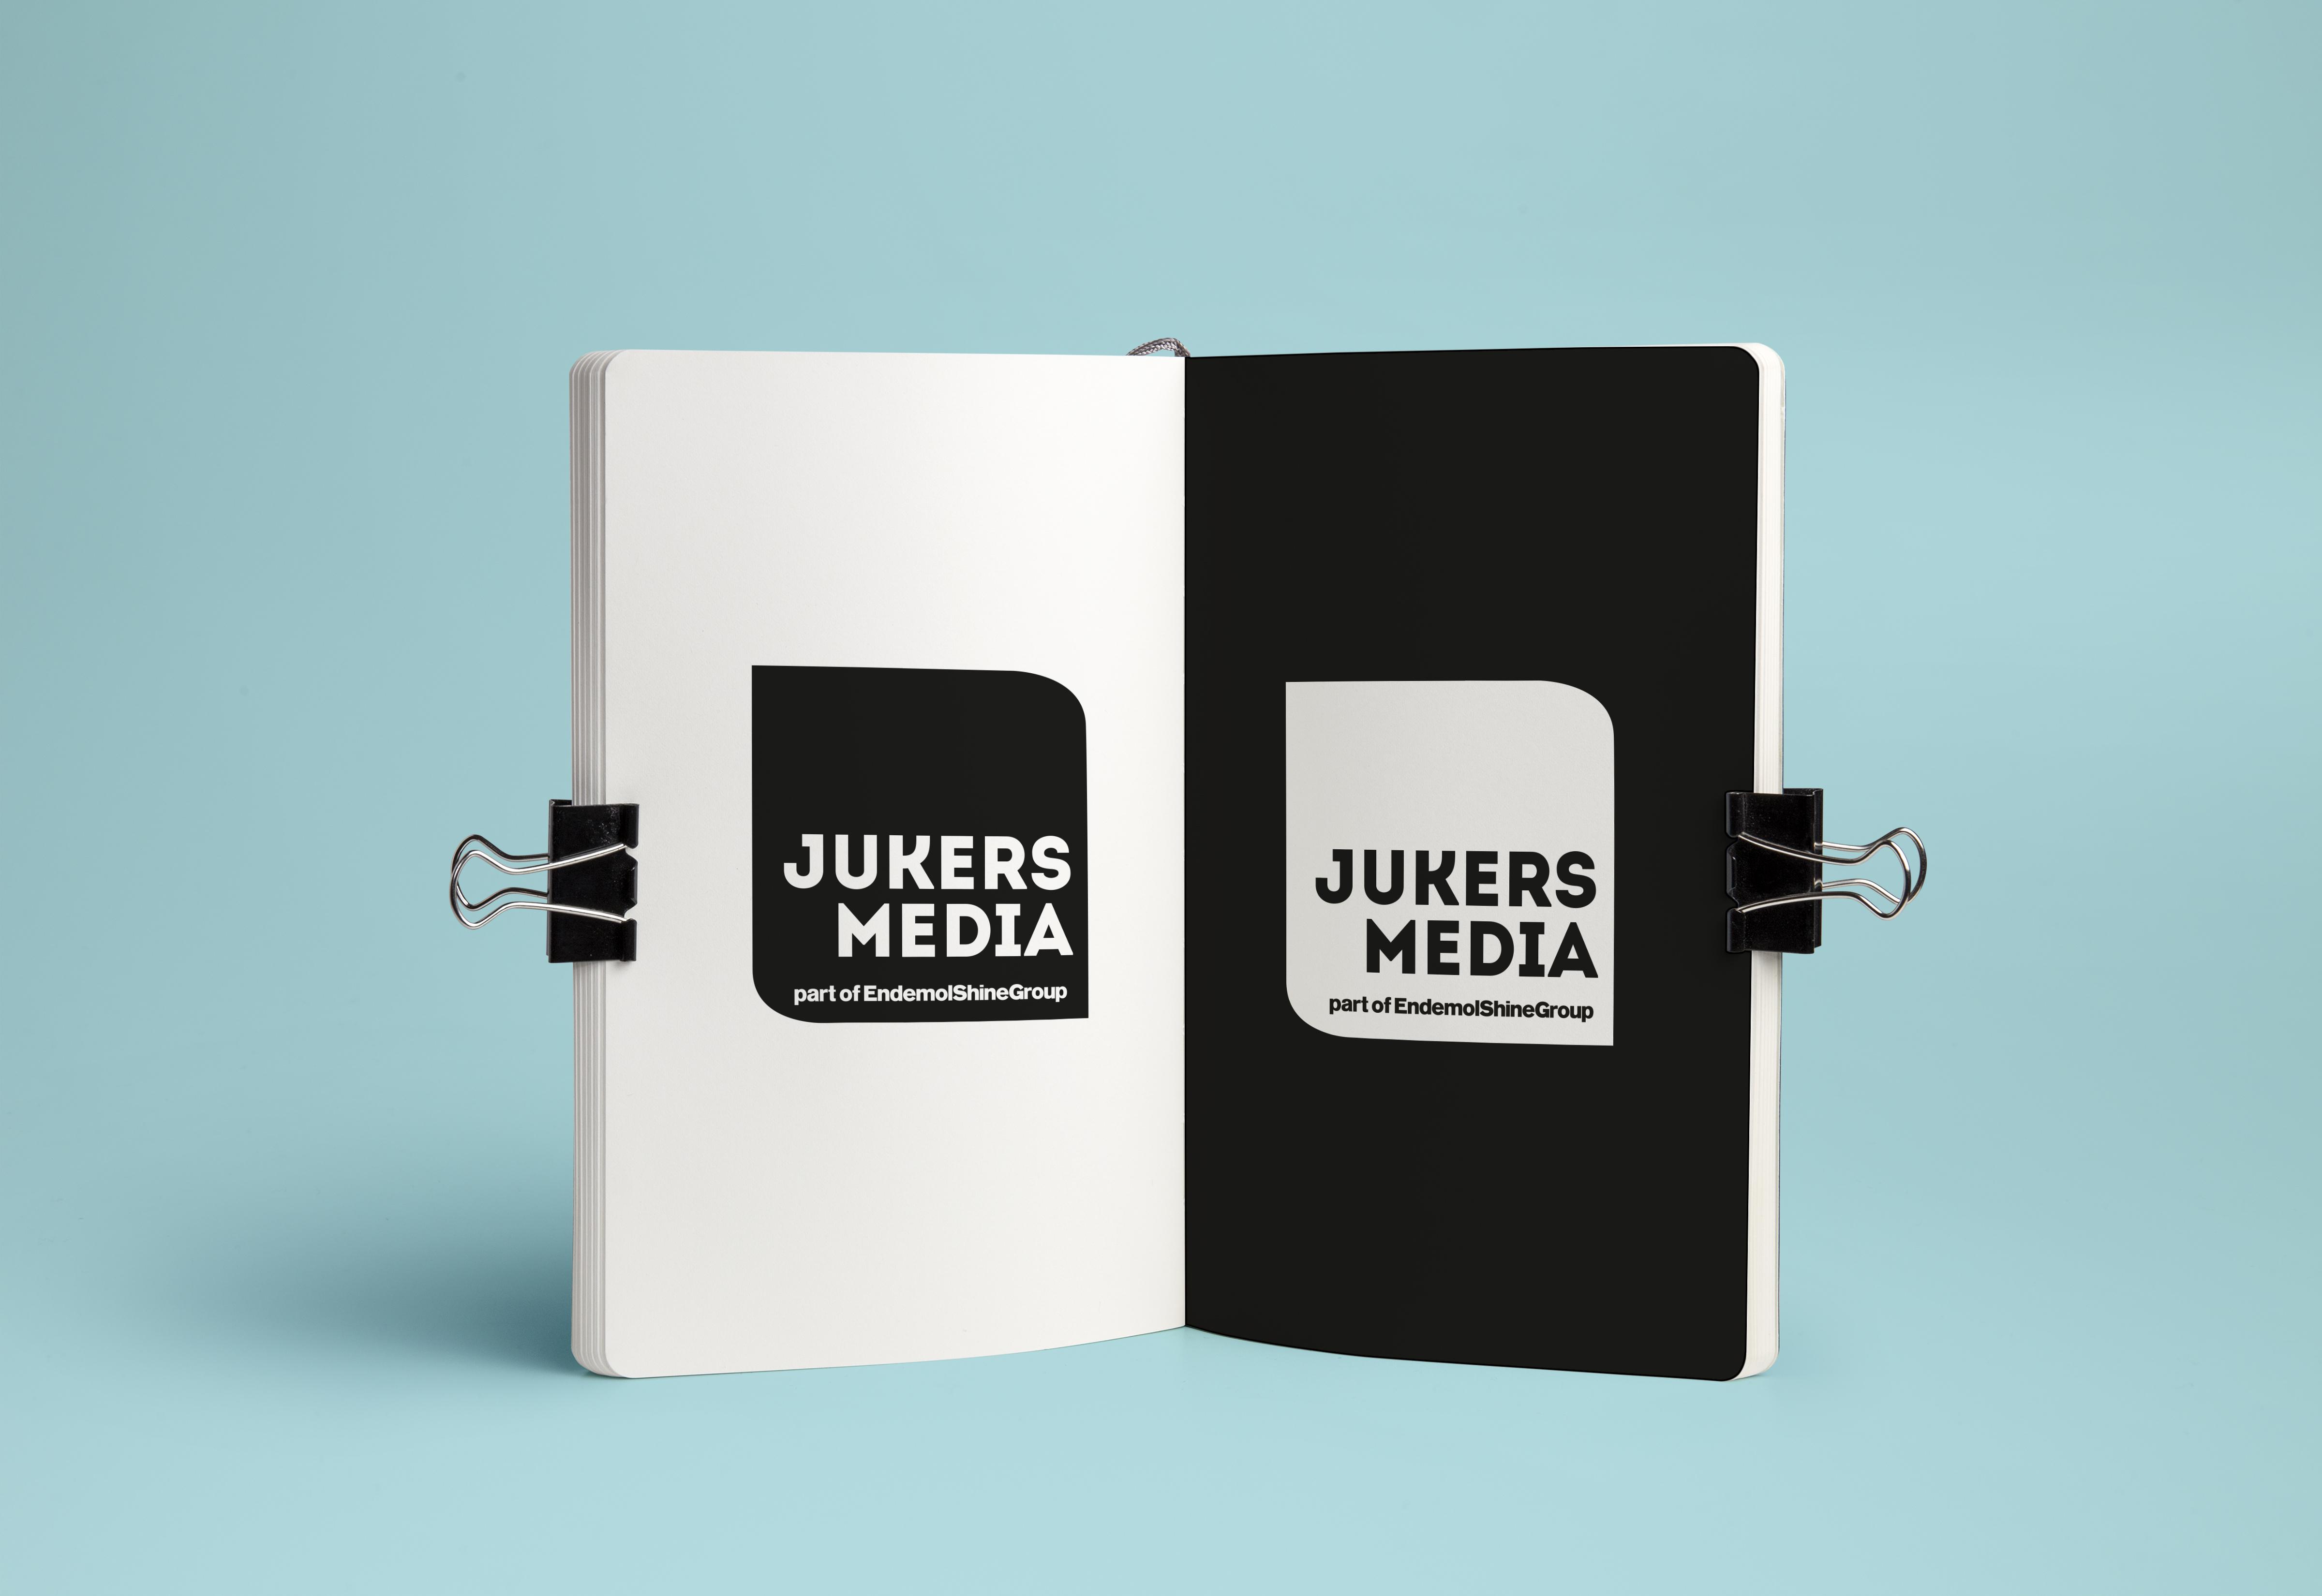 Jukers_Media_1